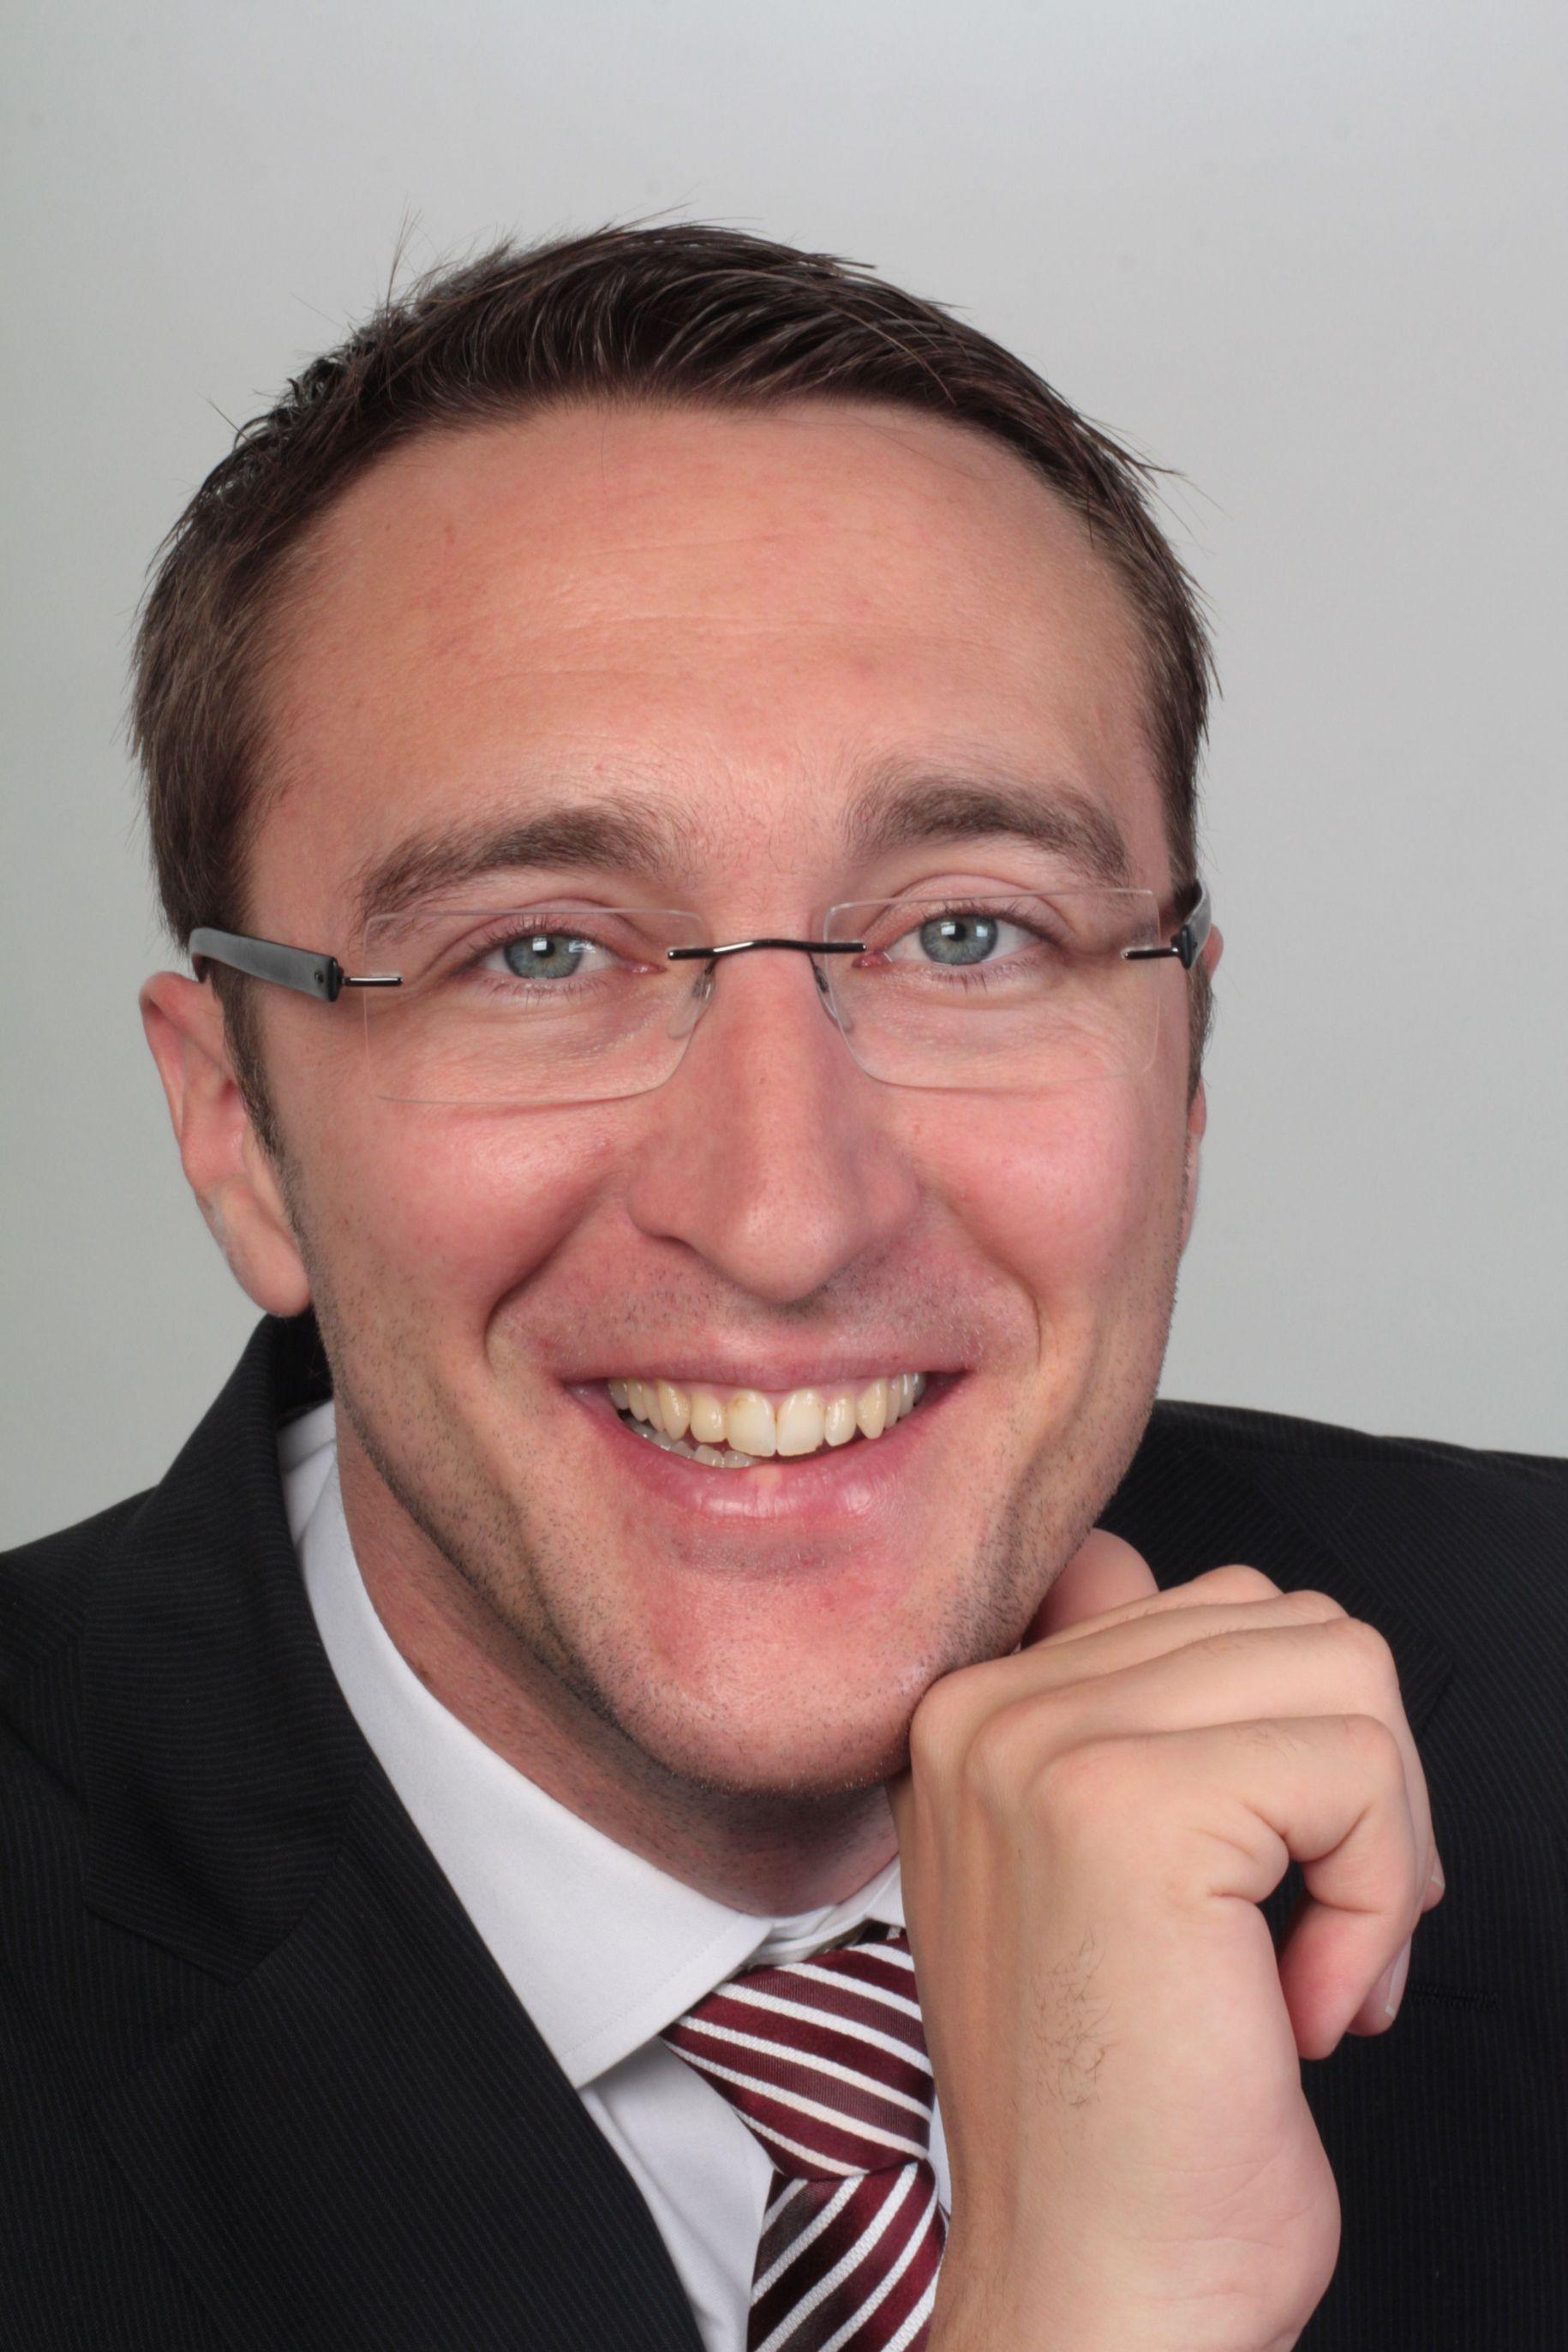 Florian Andreschewski, Geschäftsführer der Immobilien11Gruppe, Grünwald